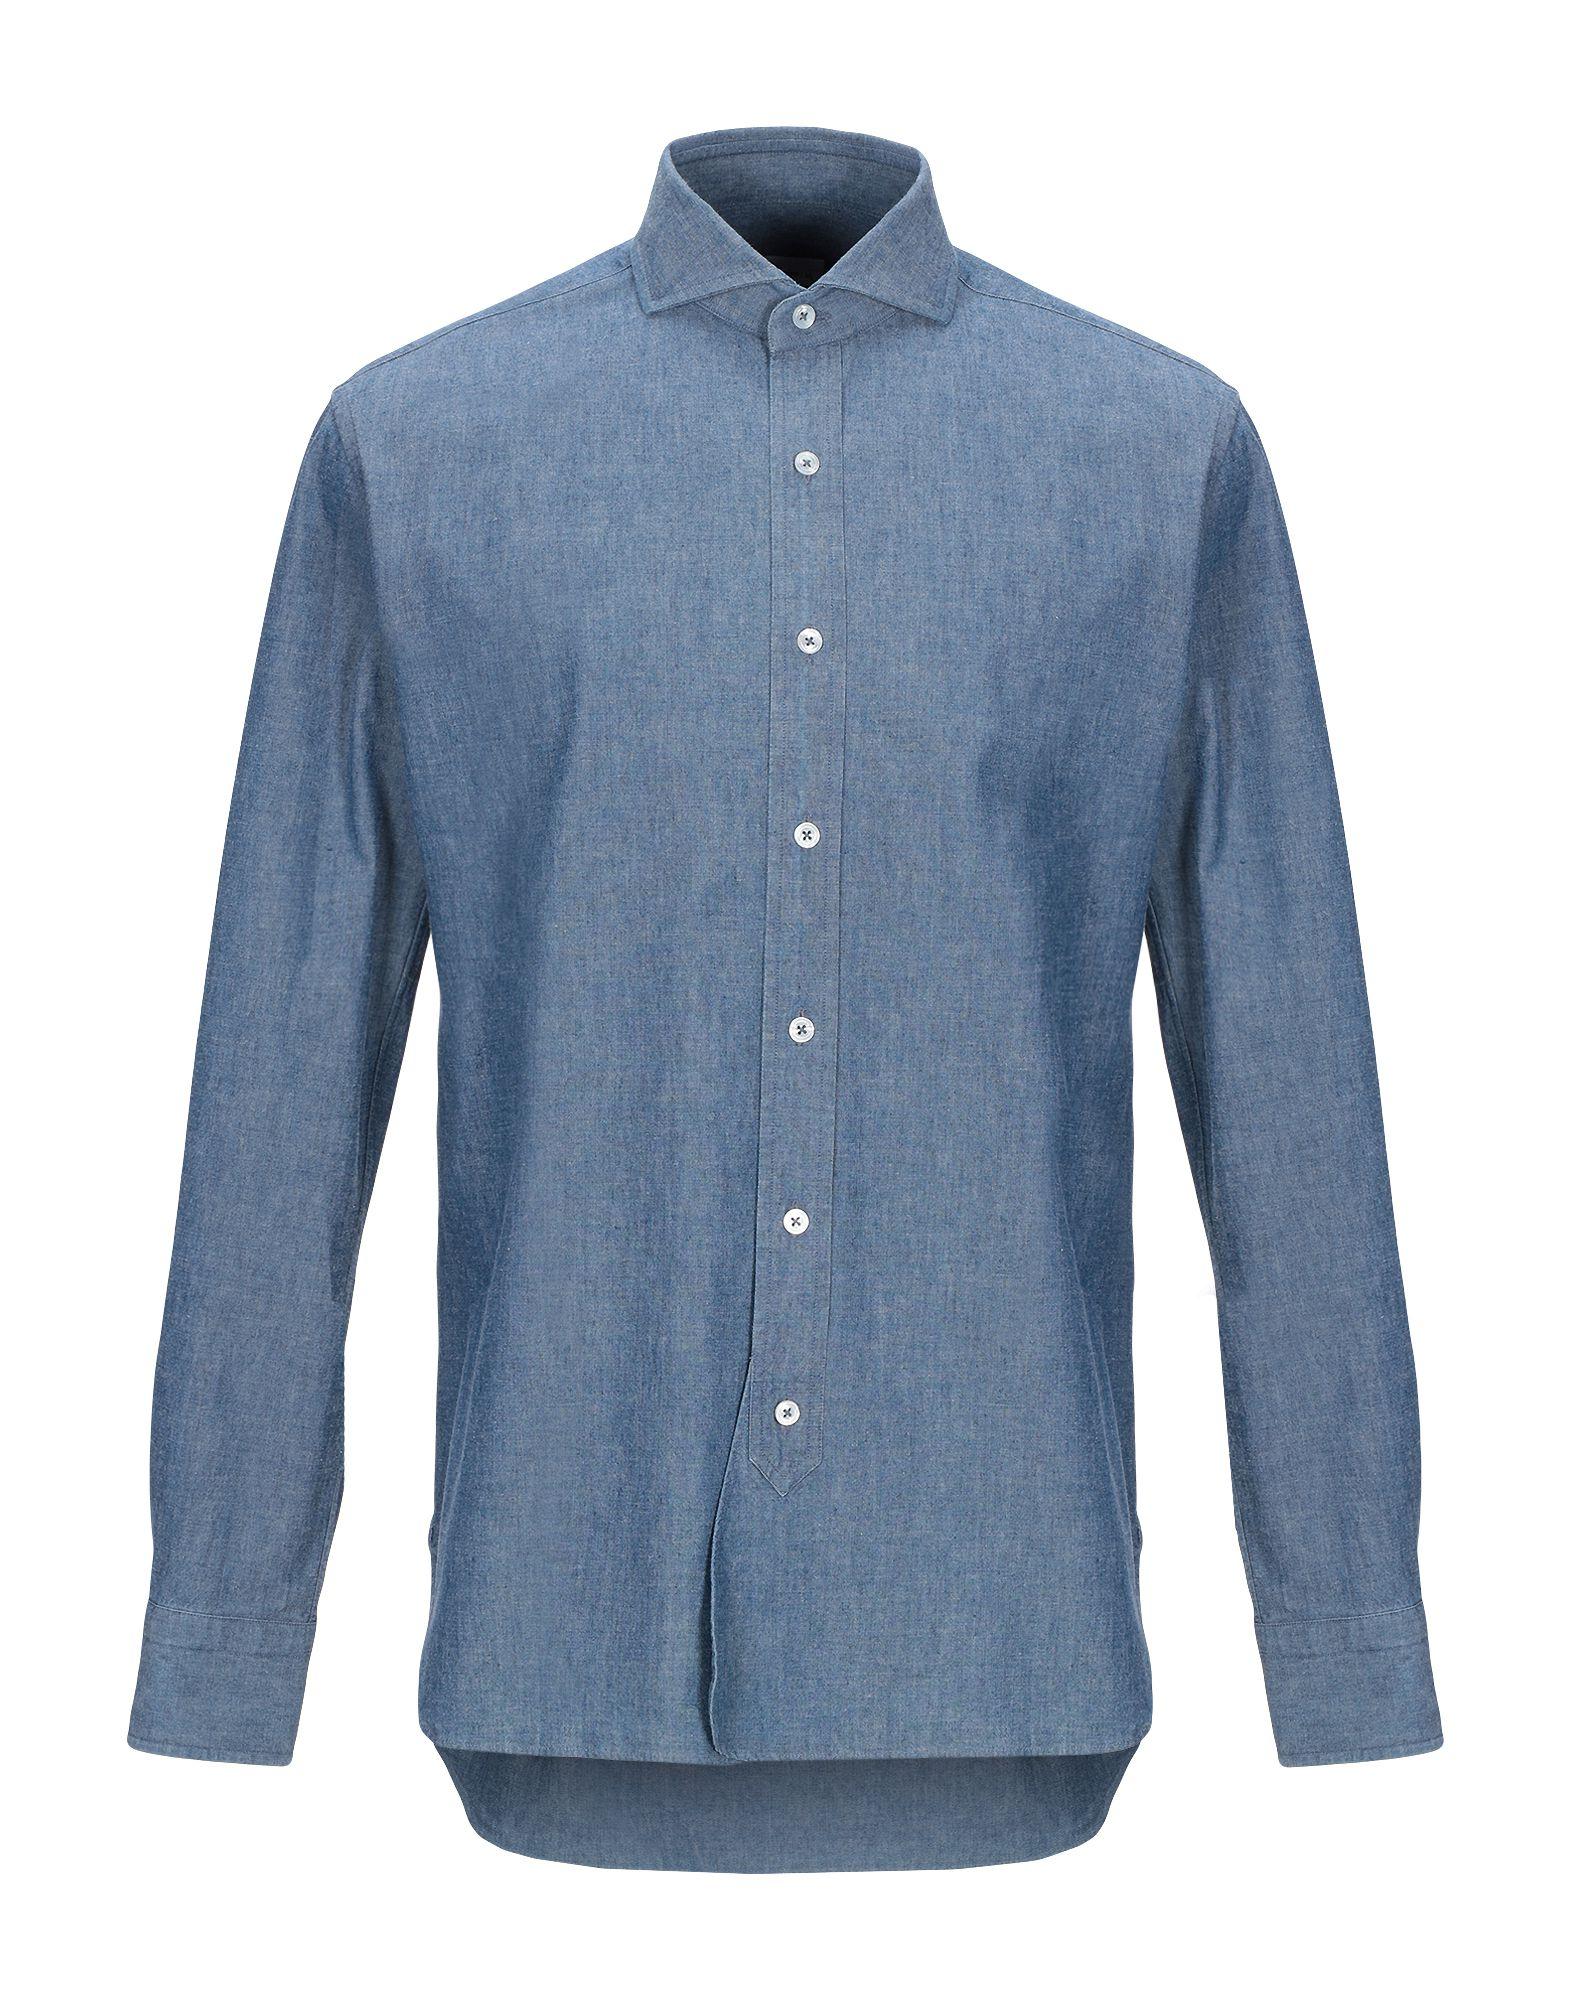 DOPPIAA Джинсовая рубашка цена